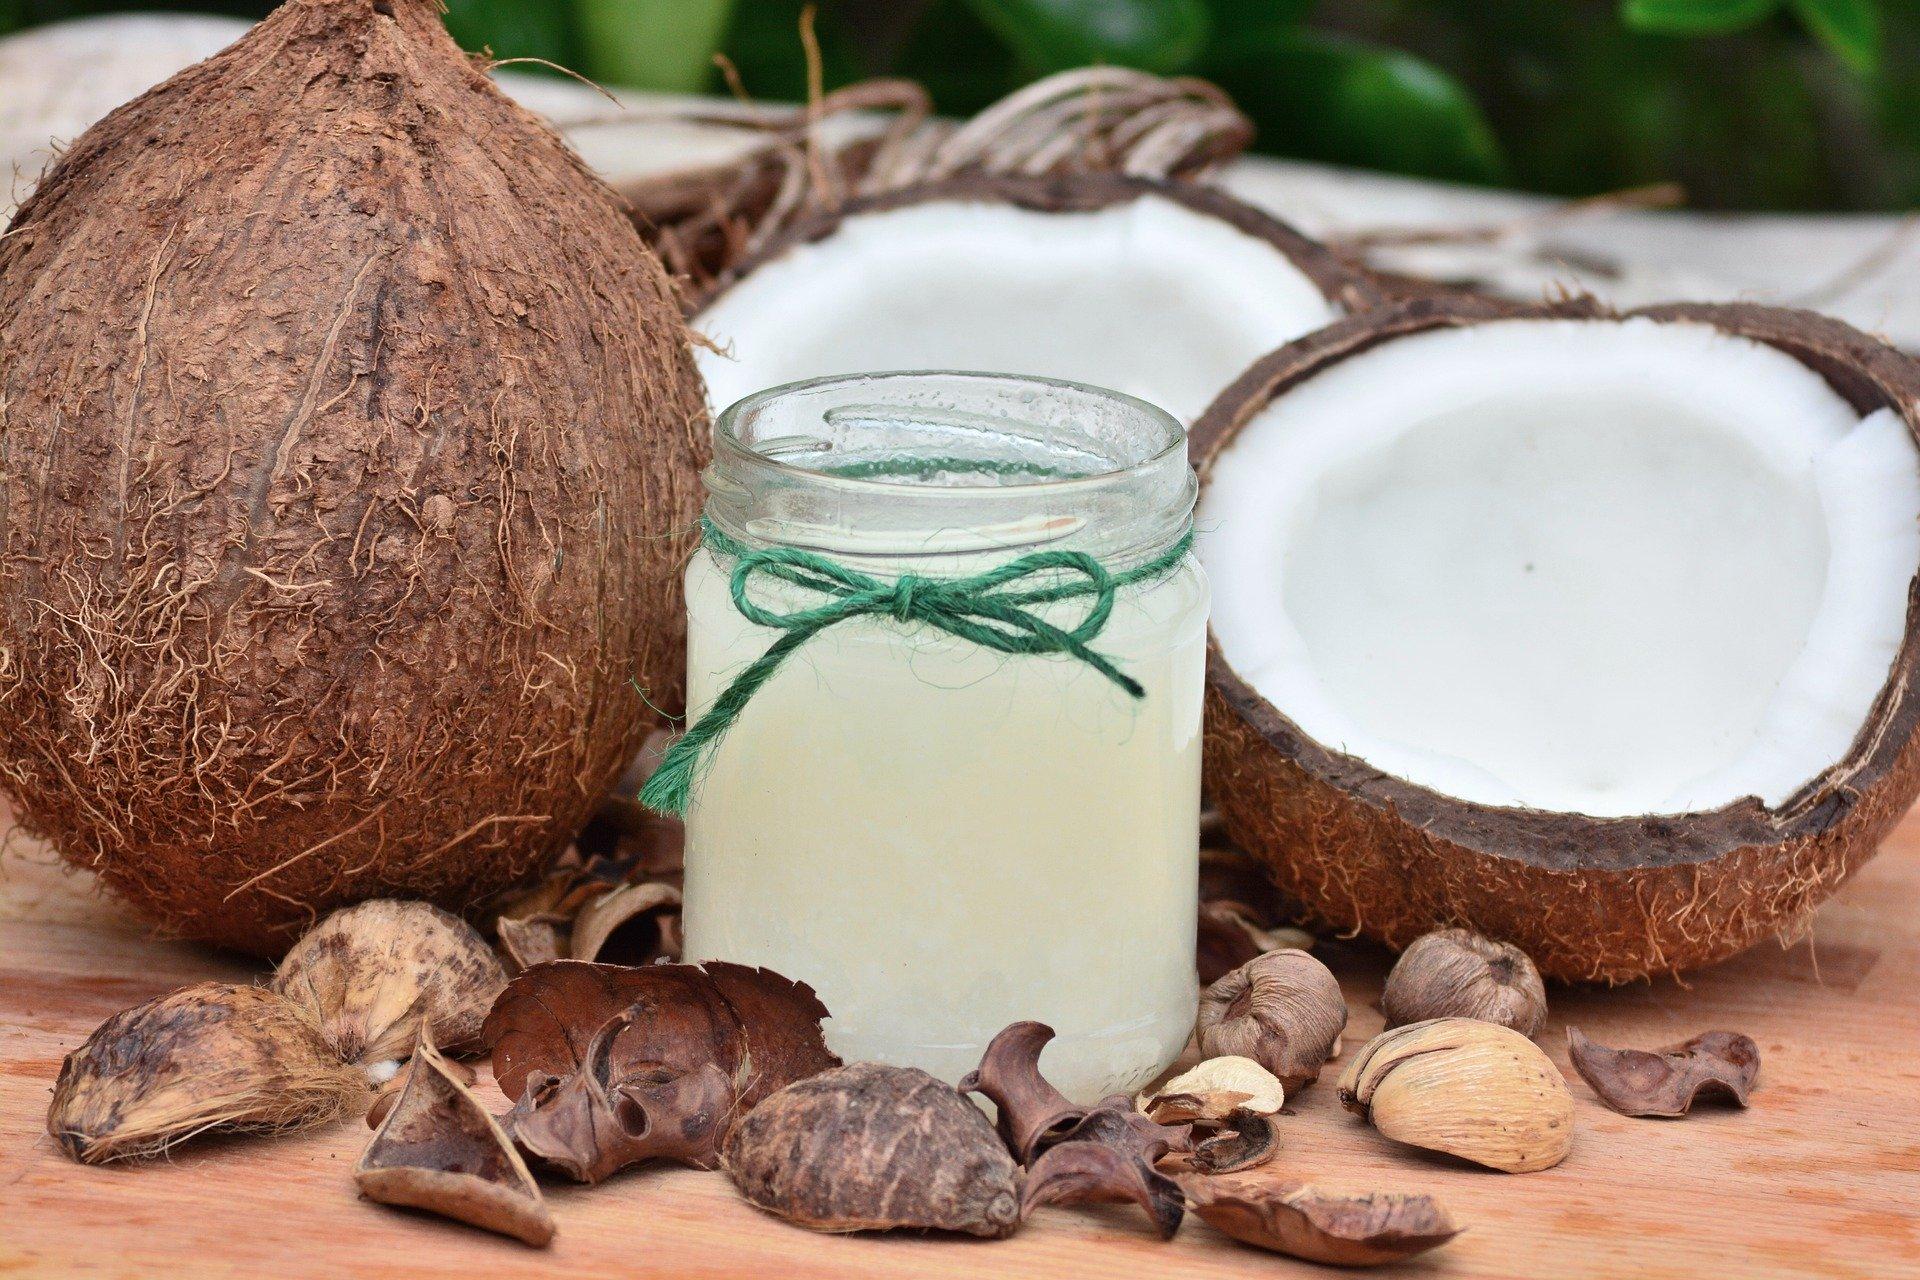 Dầu dừa là một trong những thực phẩm lành mạnh nhất trên hành tinh